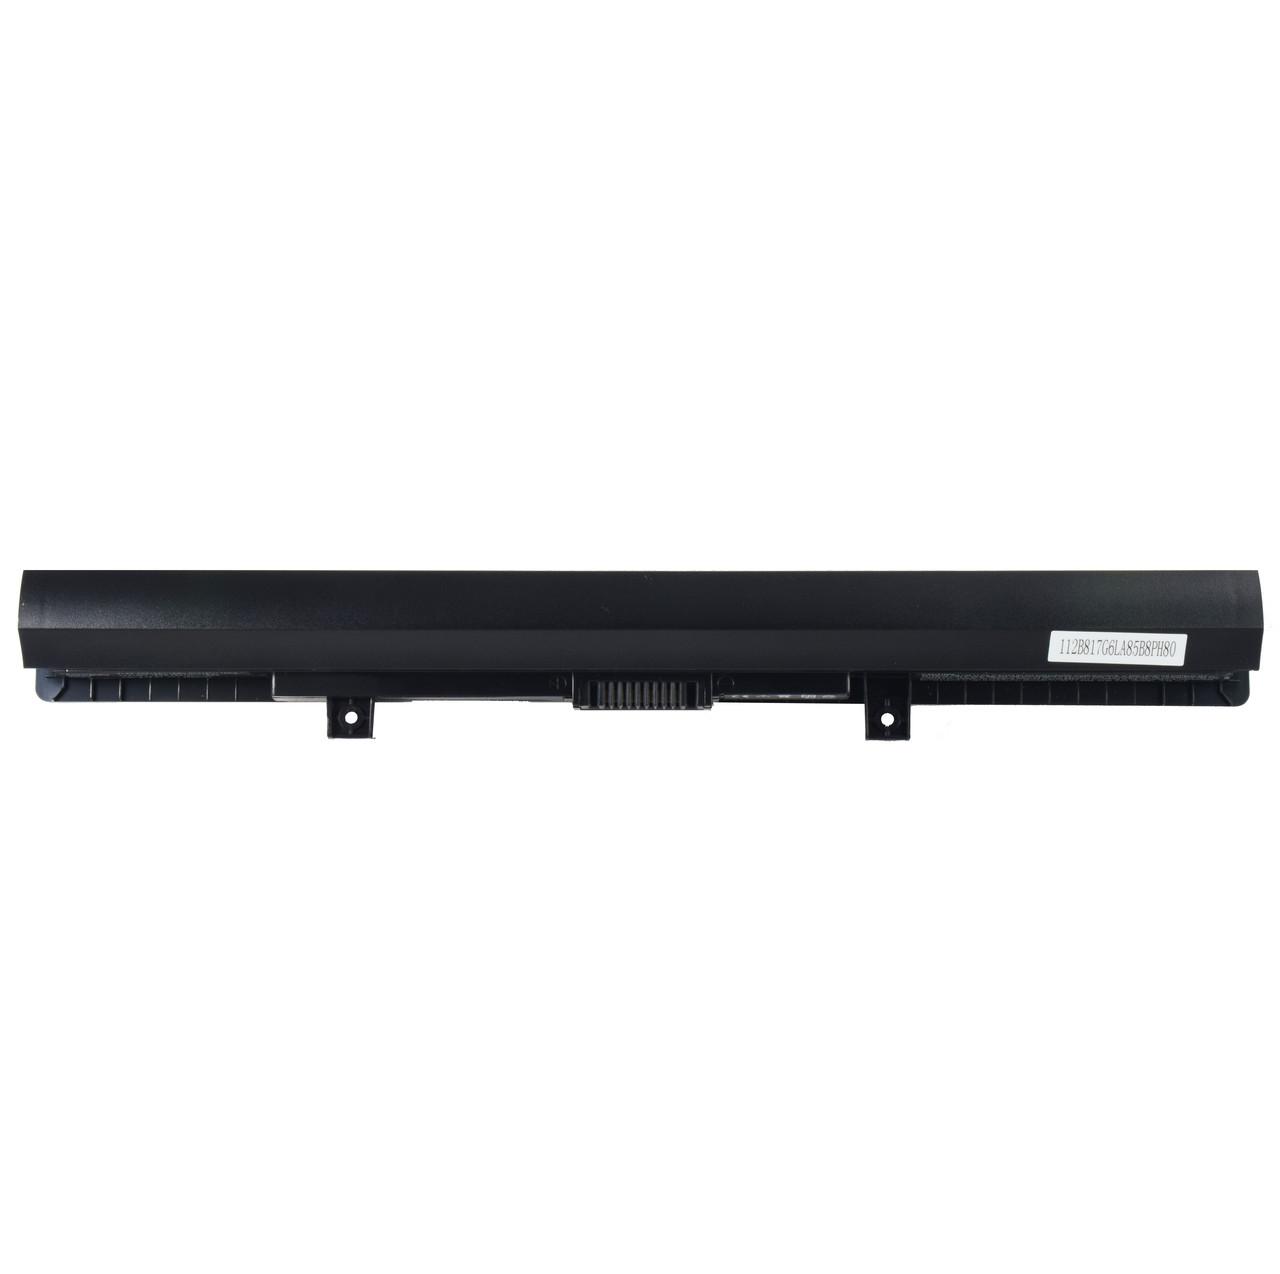 Батарея для ноутбука Toshiba PA5184U-1BRS PA5185U-1BRS PA5186U-1BRS PA5195U-1BRS